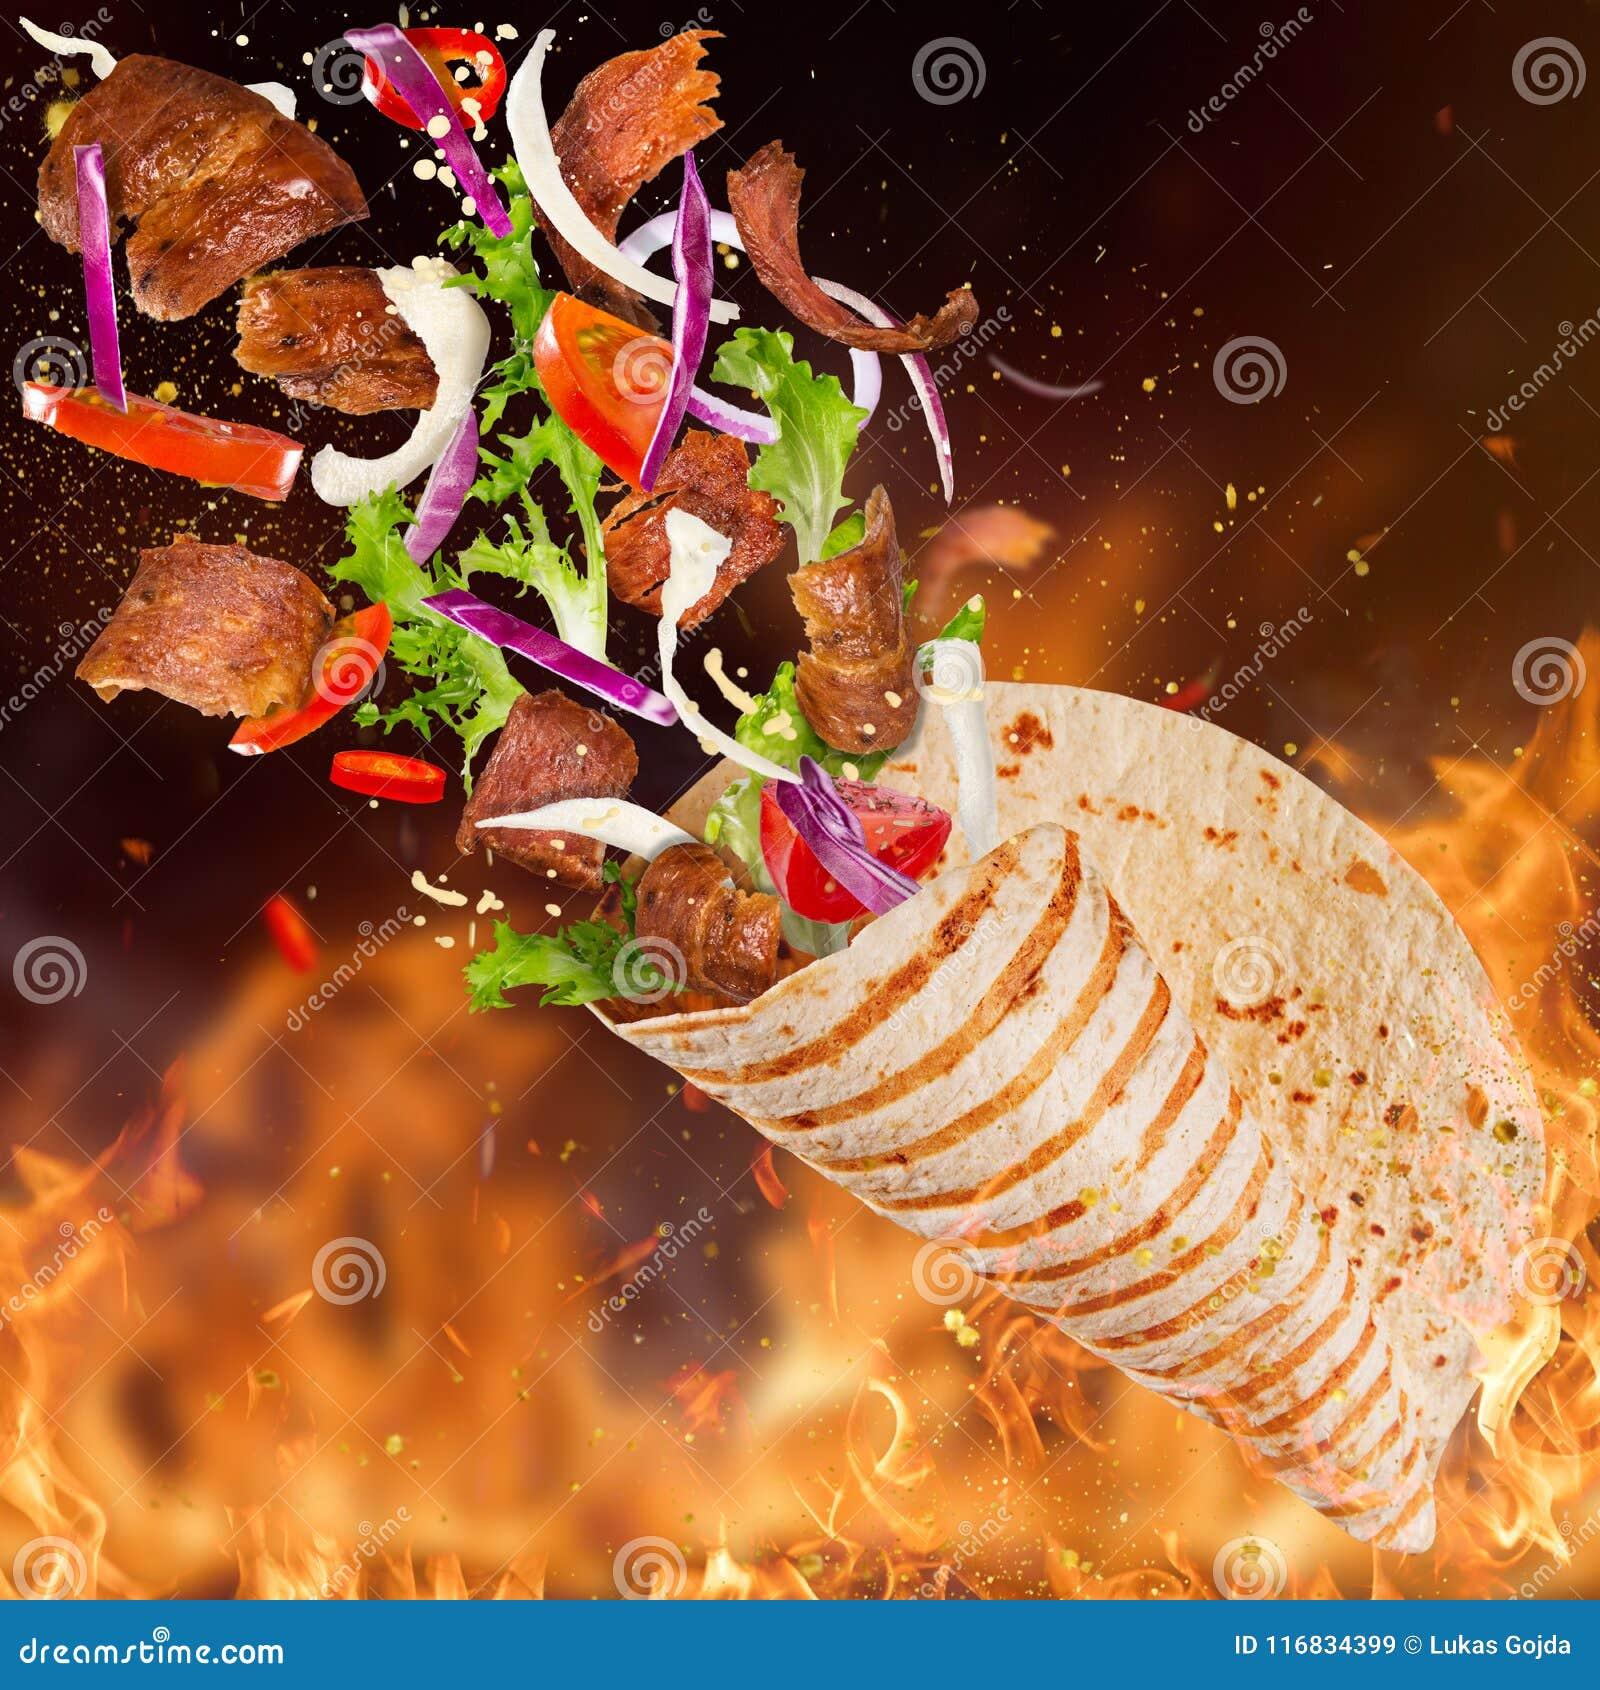 Yufka turco del kebab con los ingredientes y las llamas del vuelo